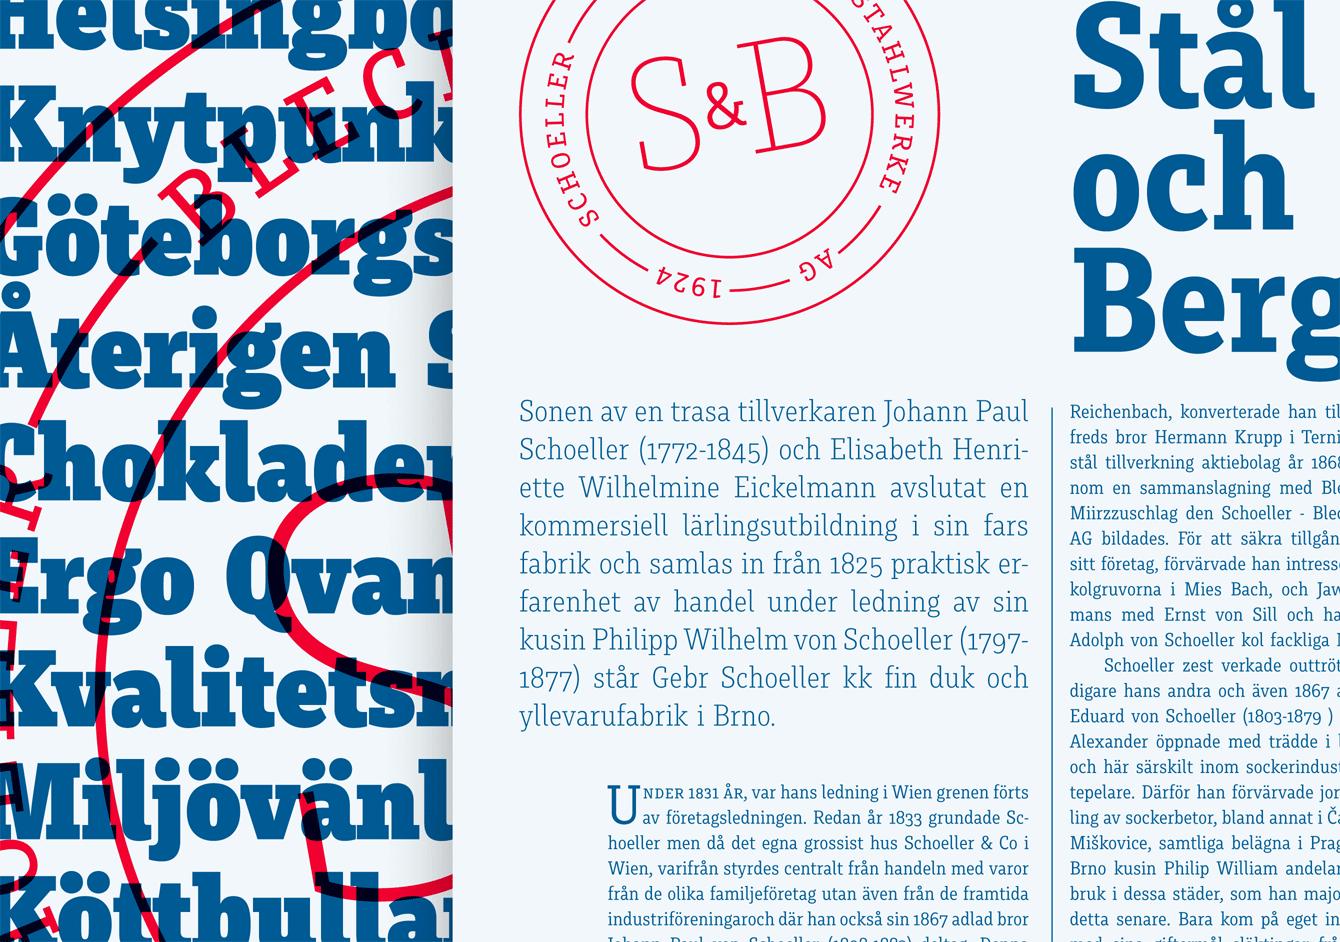 muriza_06_typedesign_retail-font_juergen-schwarz_jakob-runge